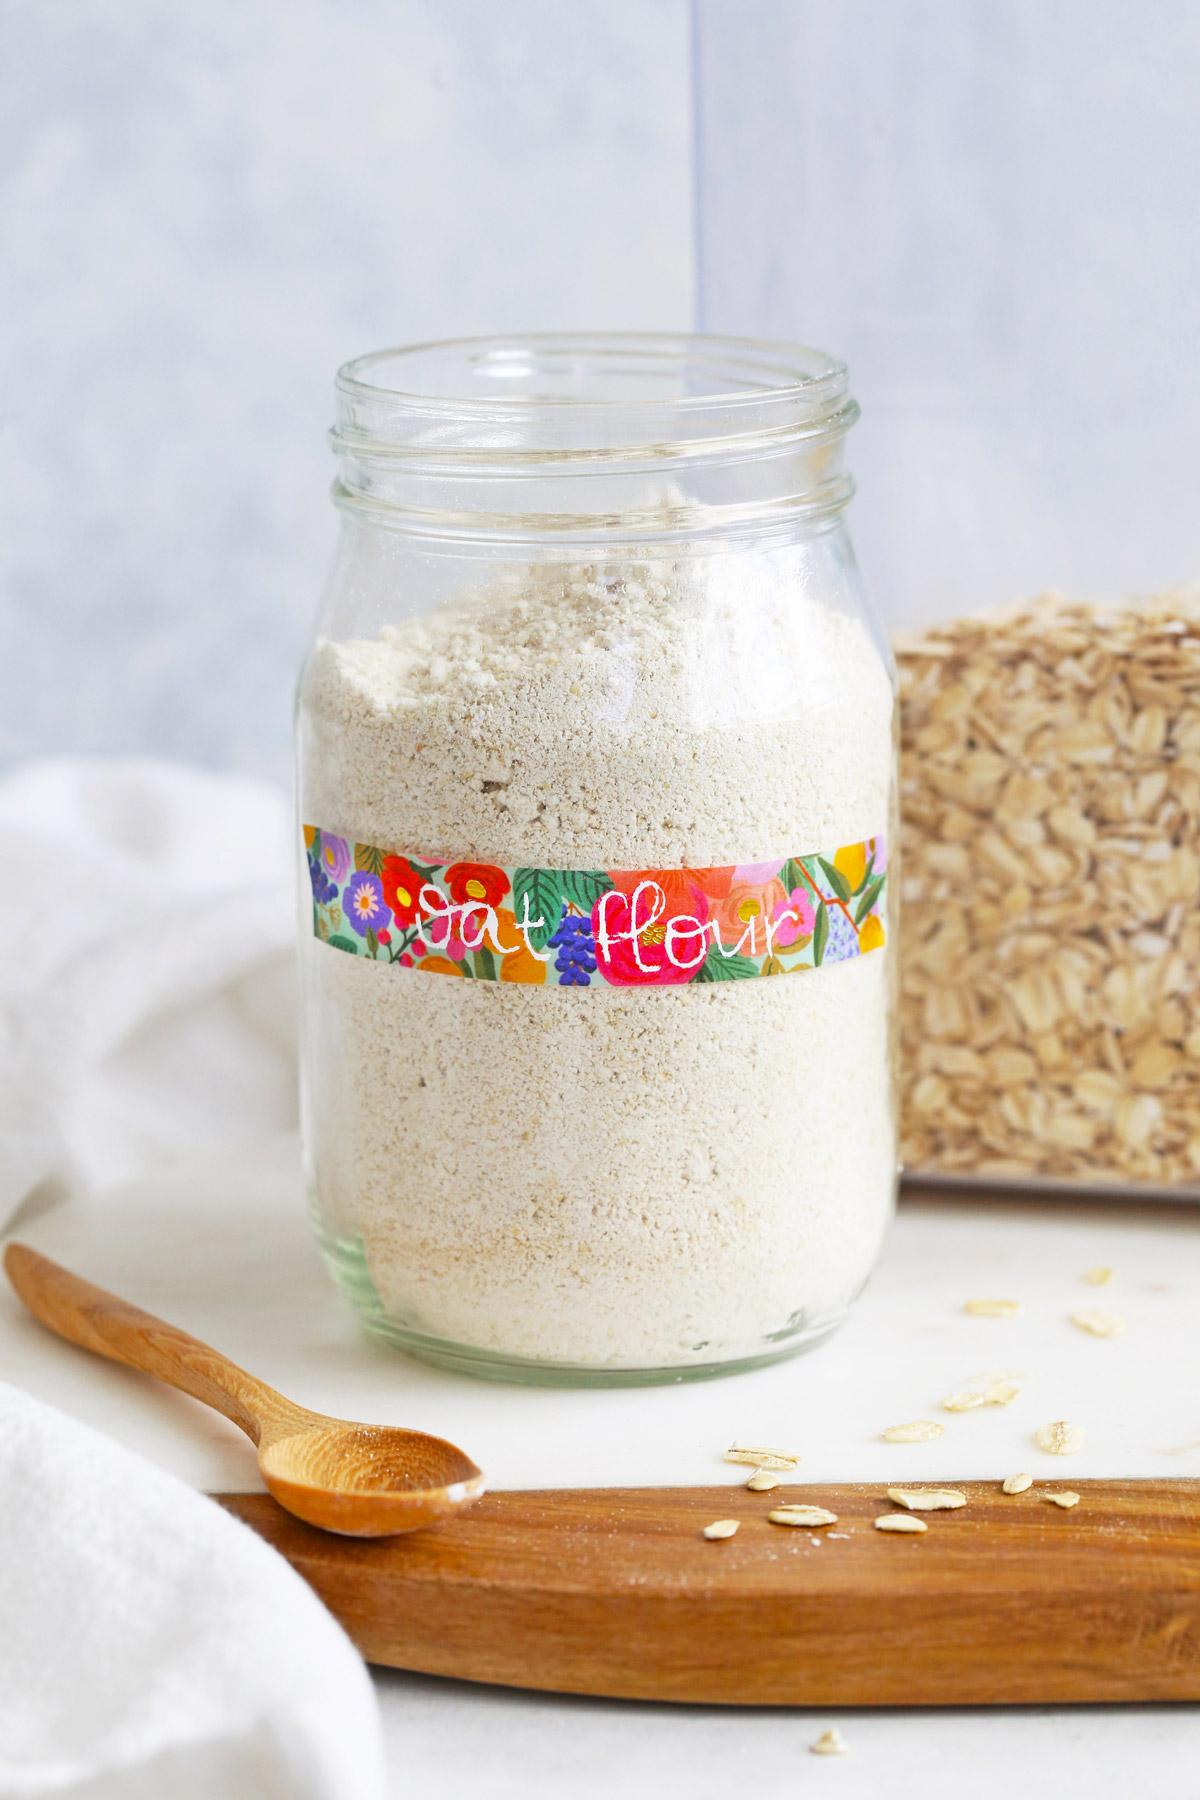 Homemade Oat Flour from One Lovely Life